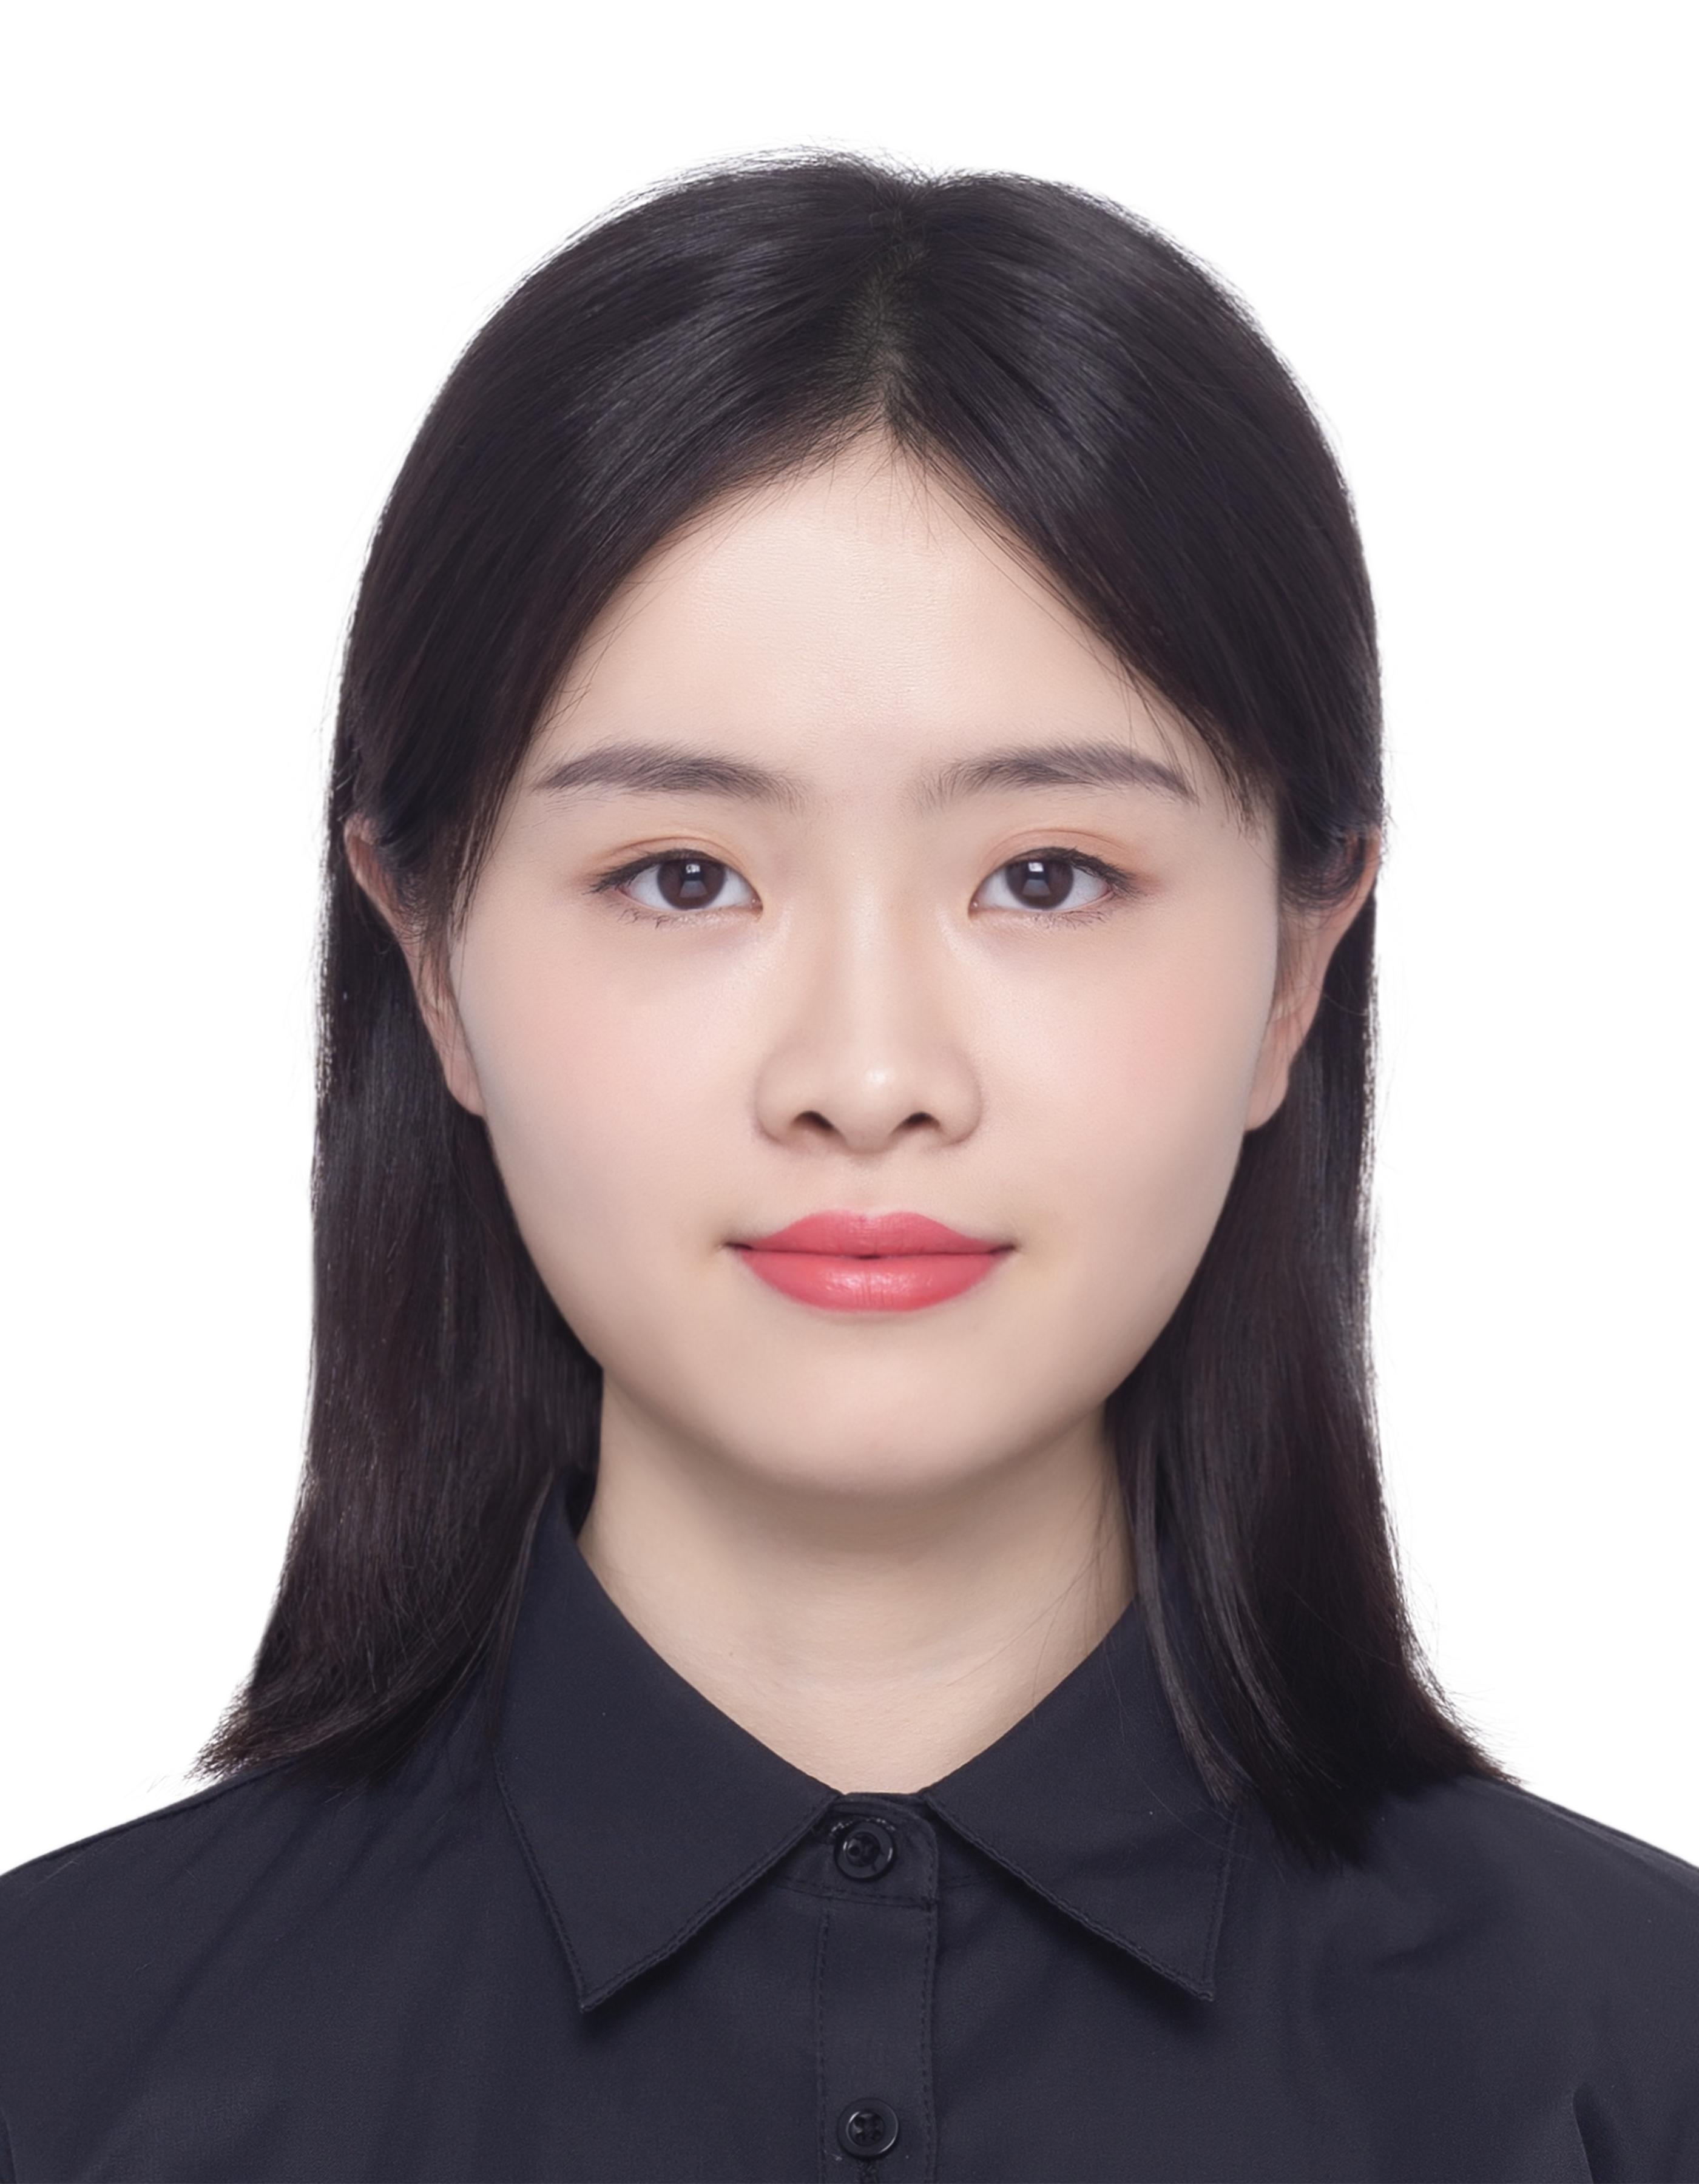 上海家教戚老师